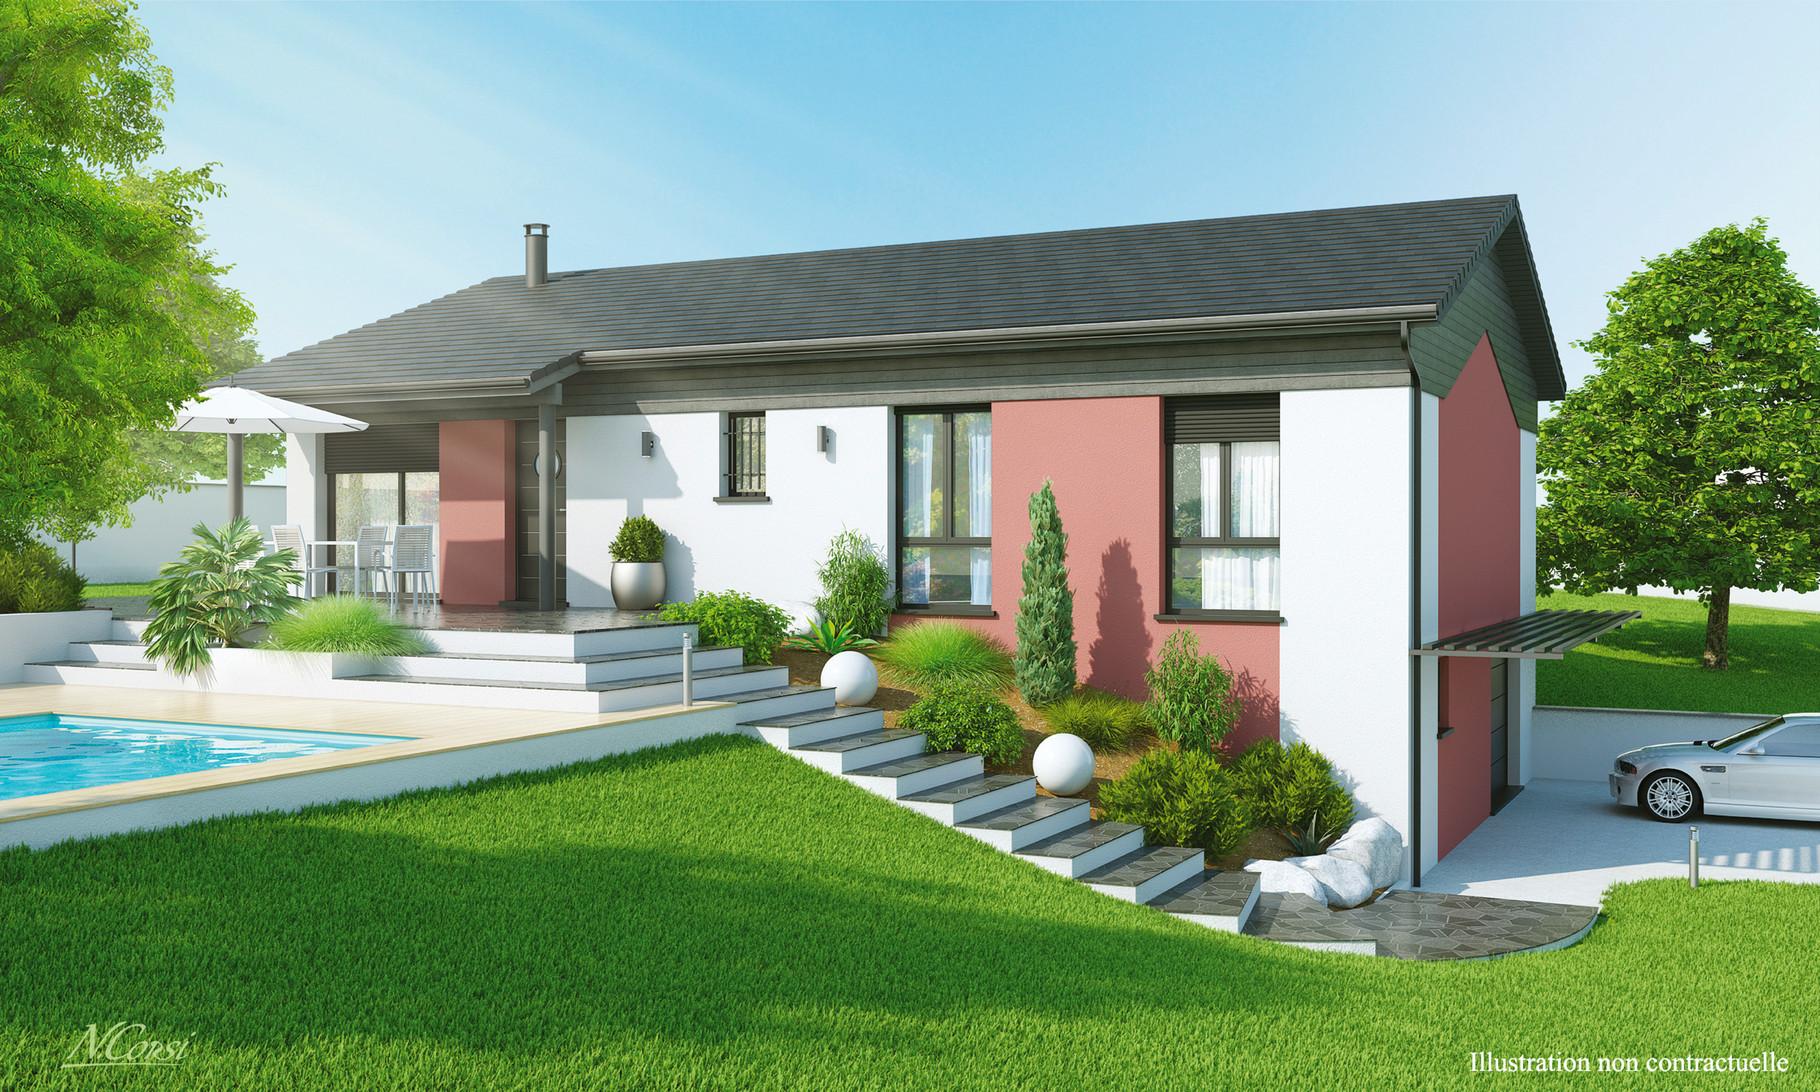 Maisons sur sous sol maisons axial loire 42 for Maison sur terrain pentu